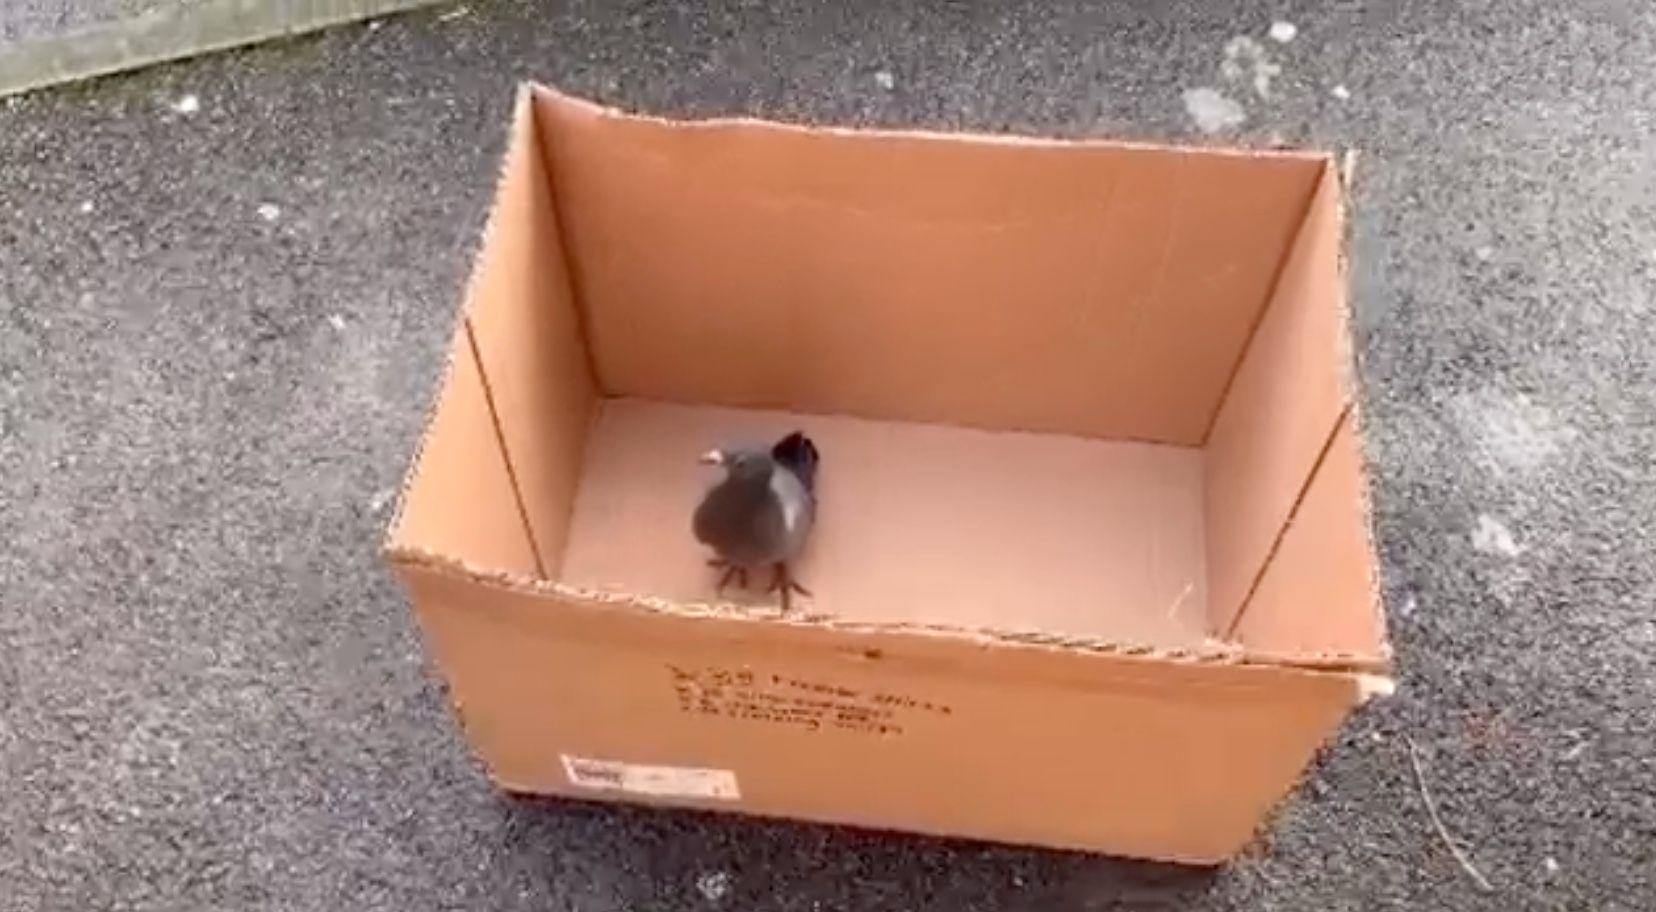 Image may contain: Carton, Cardboard, Box